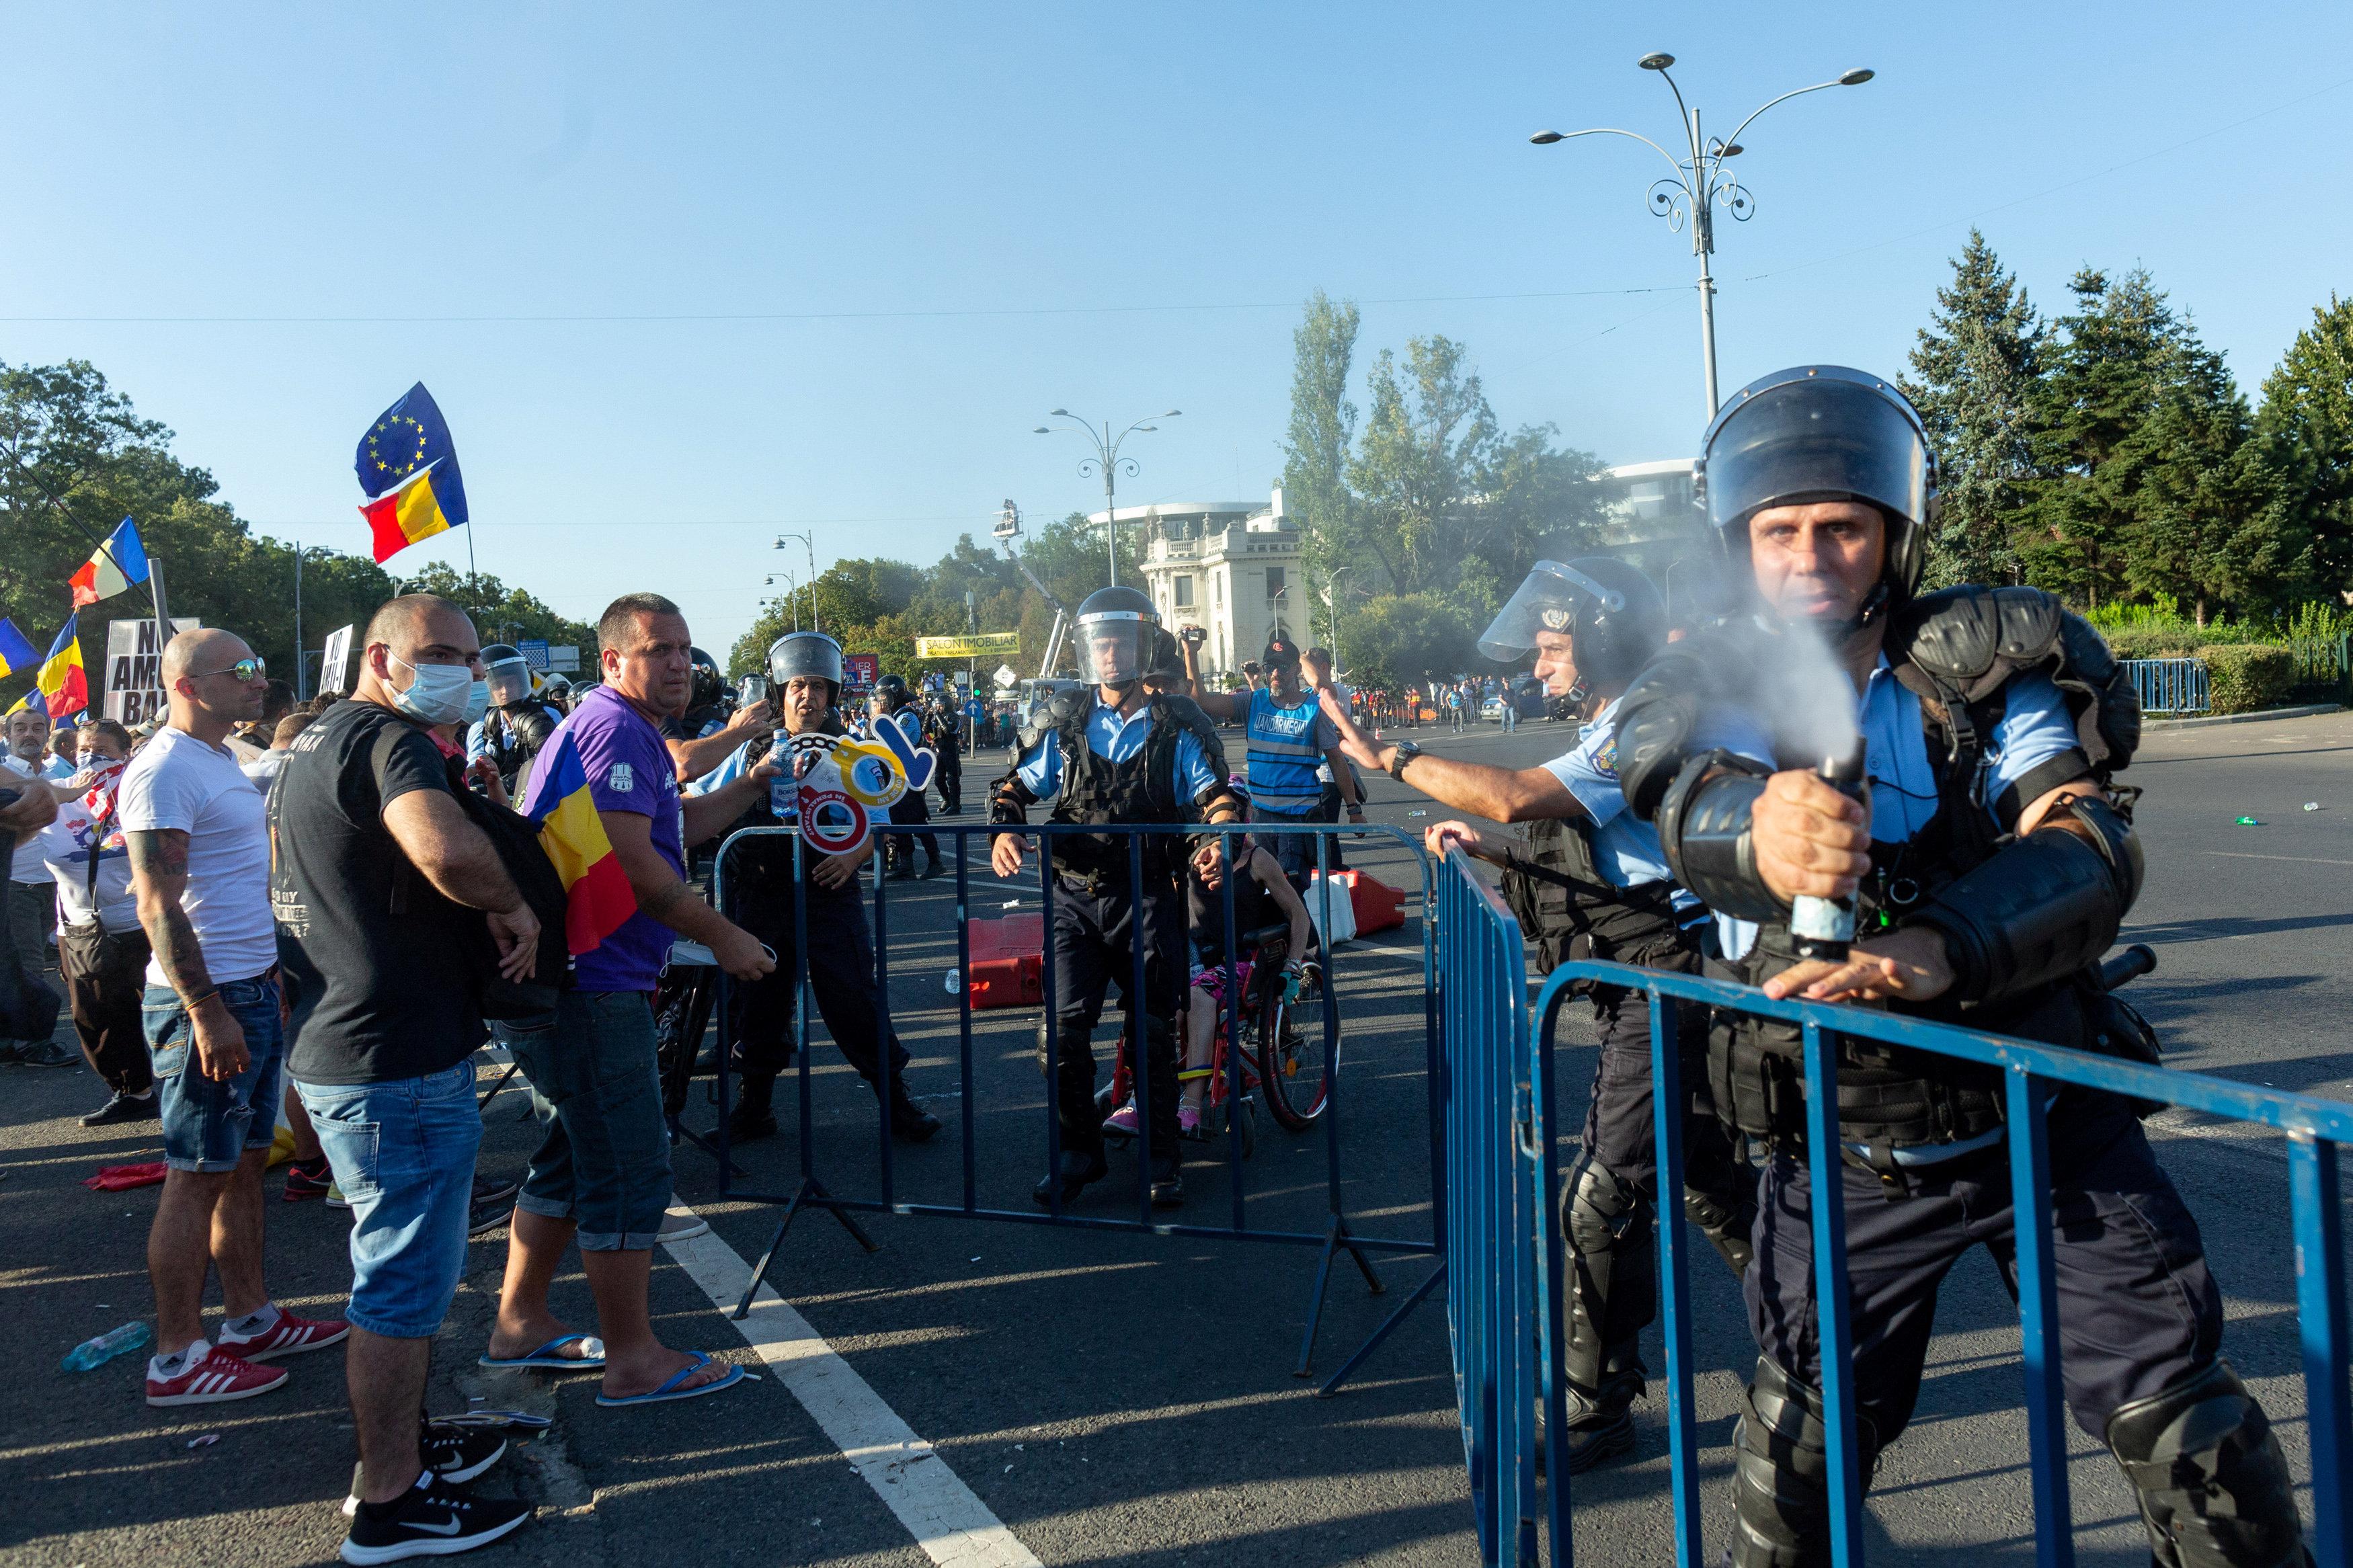 شرطى يطلق الفلفل على المتظاهرين